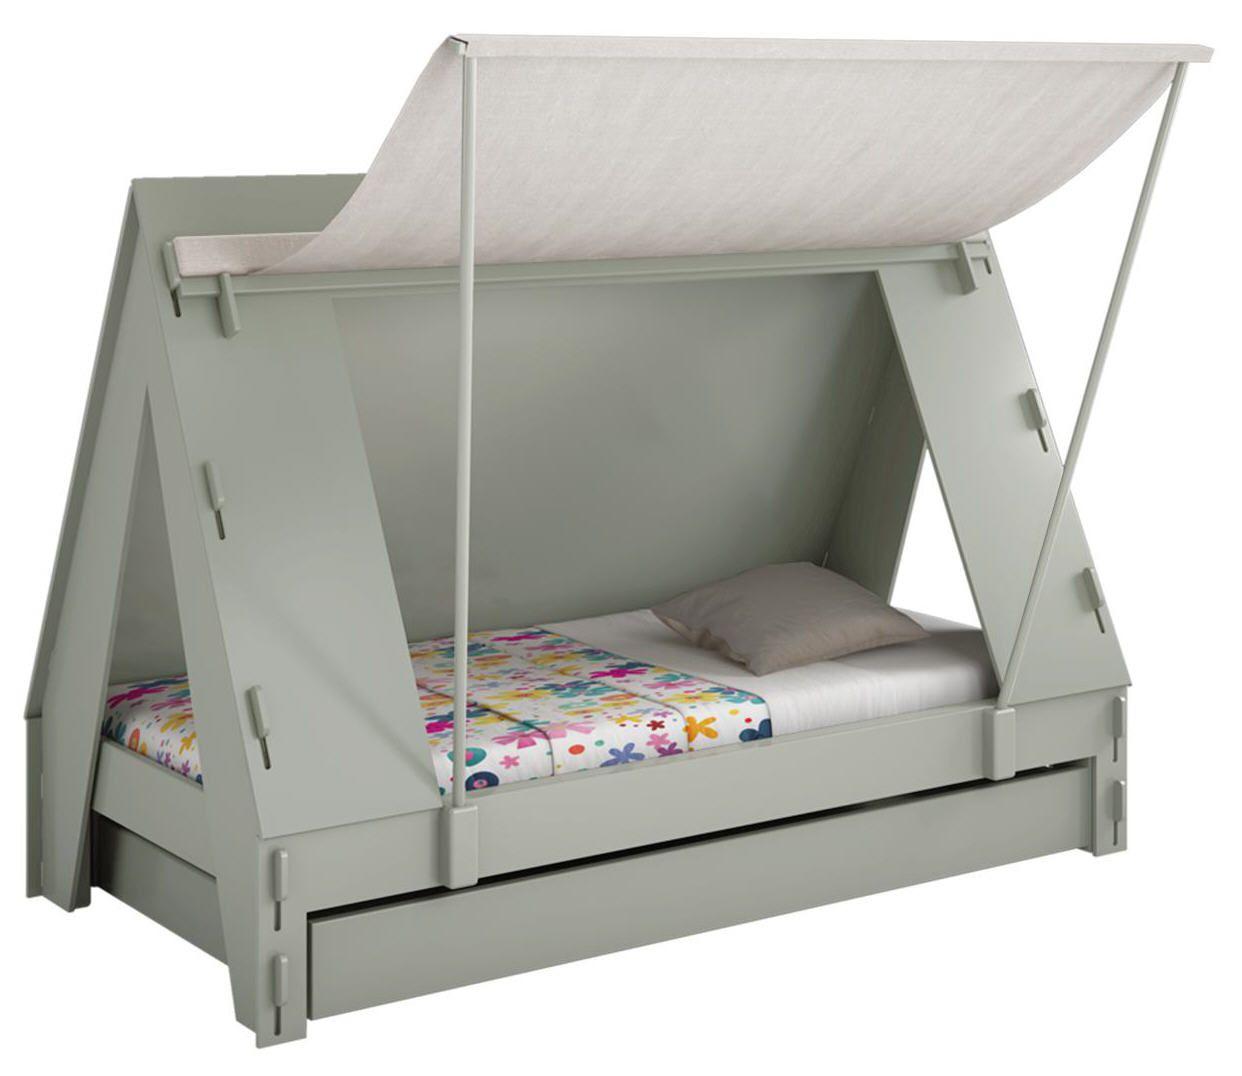 Tente Chambre Garcon dedans lit enfant forme tente bois et toile prix lit enfant mobilier moss